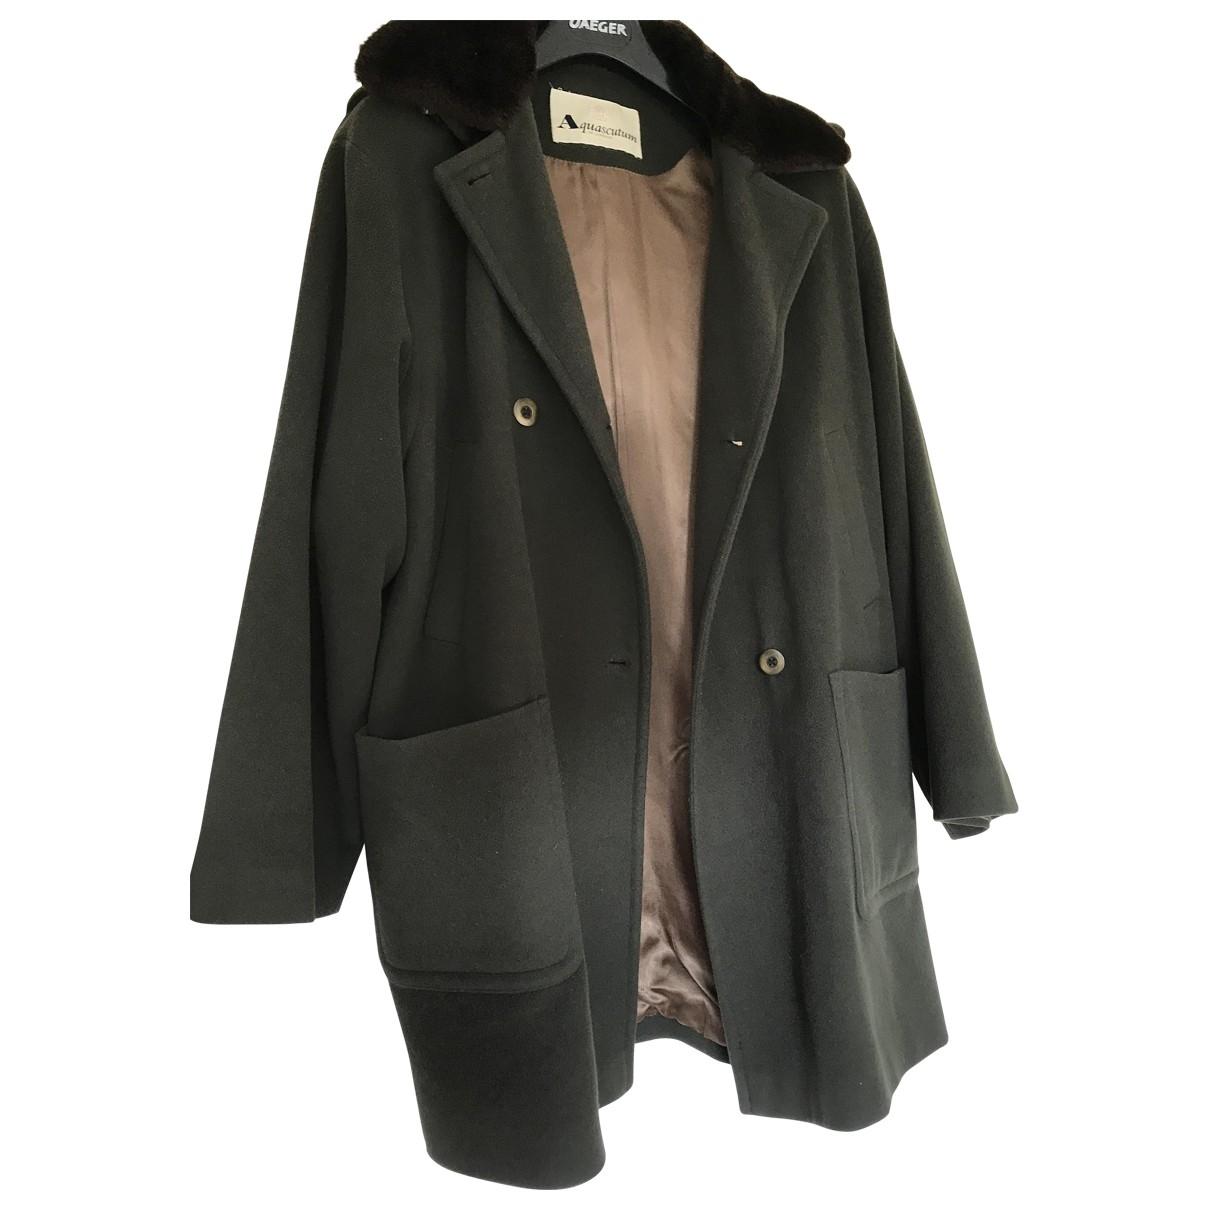 Aquascutum - Manteau   pour femme en laine - vert